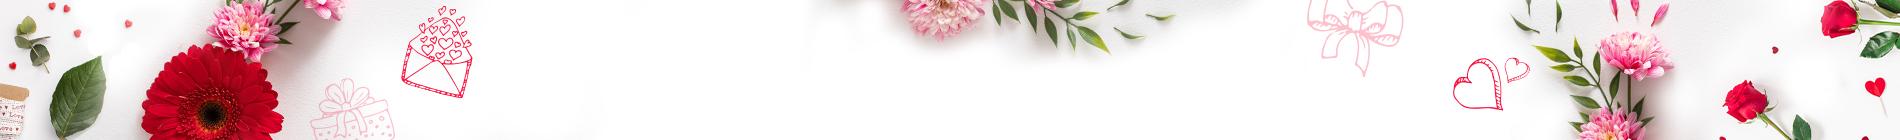 Livraison fleurs amour